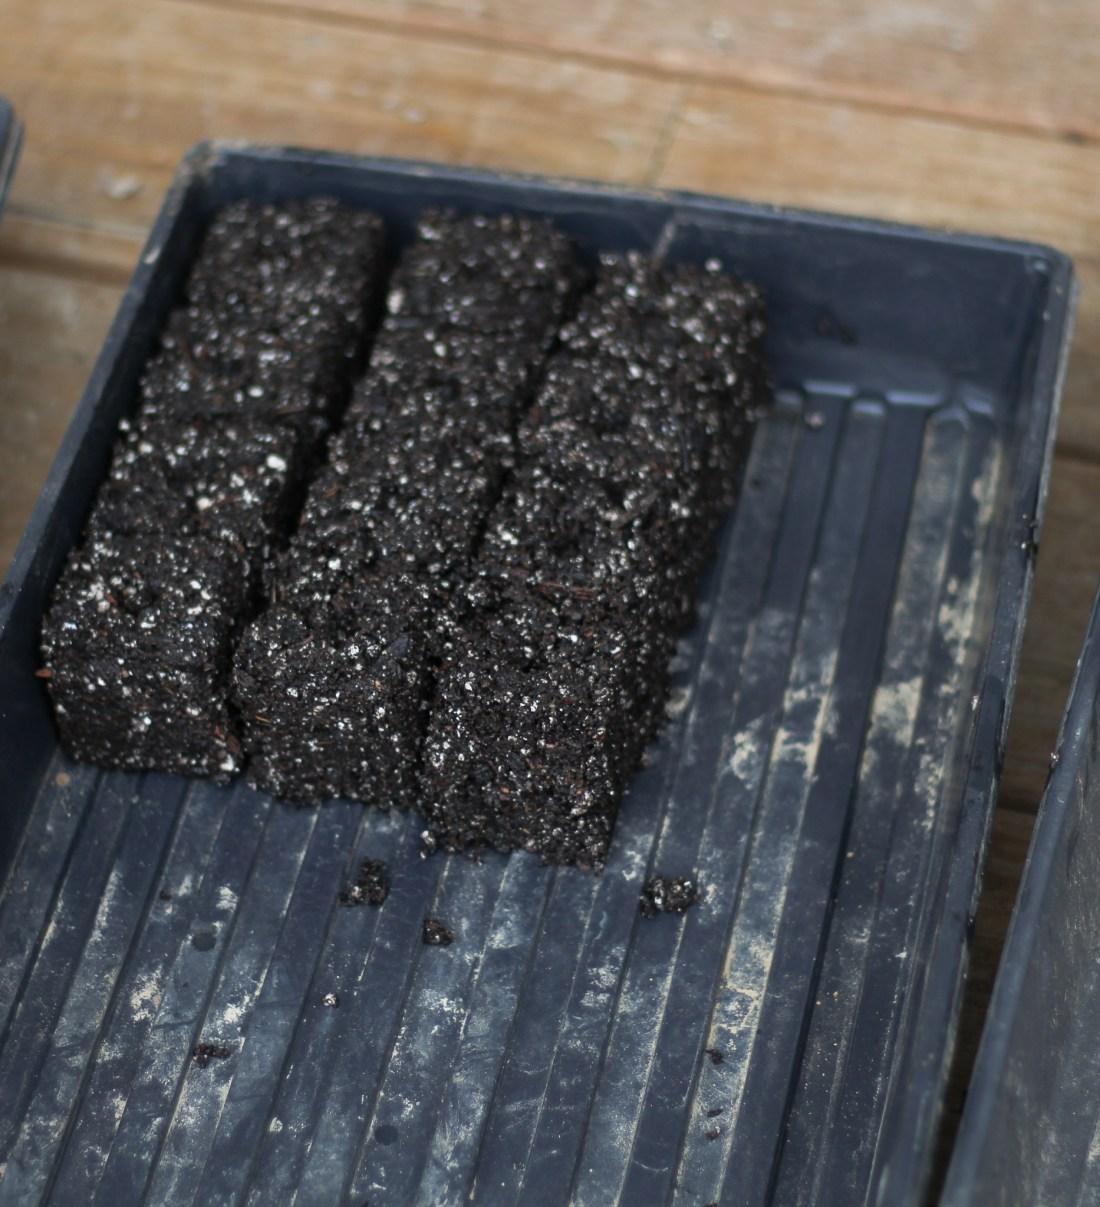 soil blocking